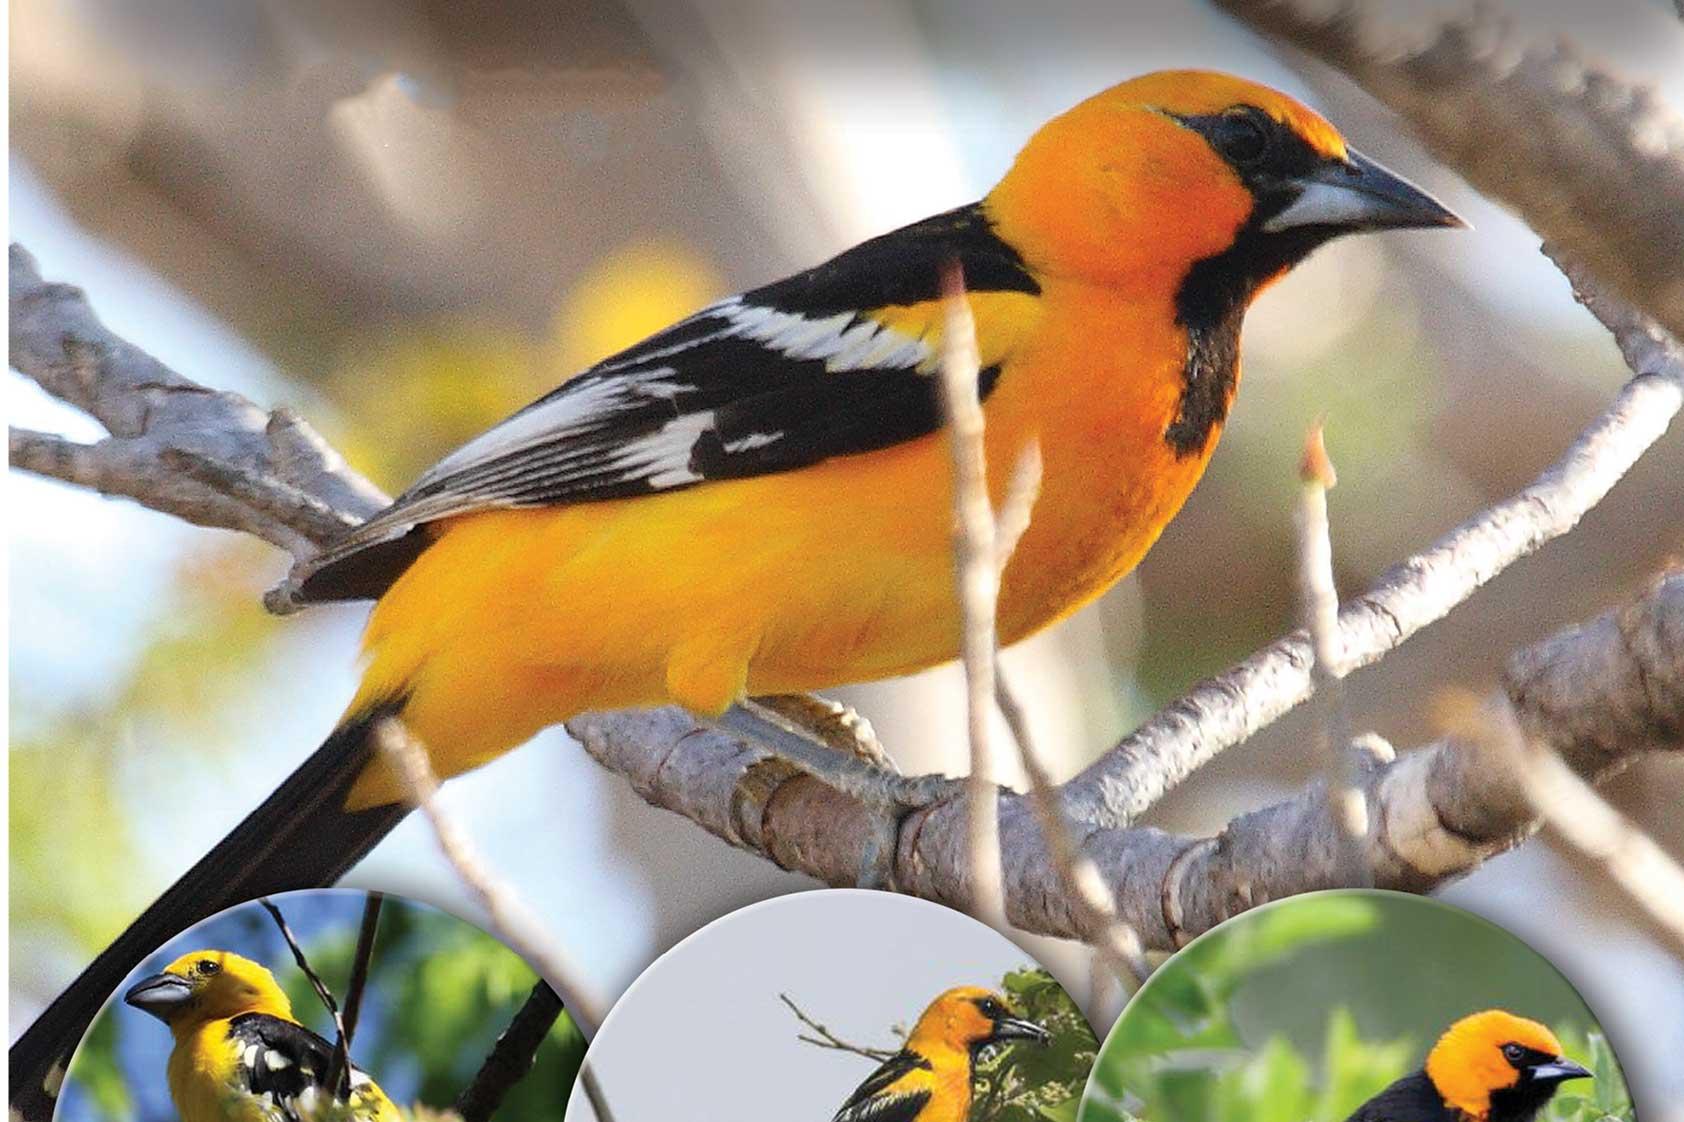 Descubren primer especie de ave tóxica reportada para Centroamérica